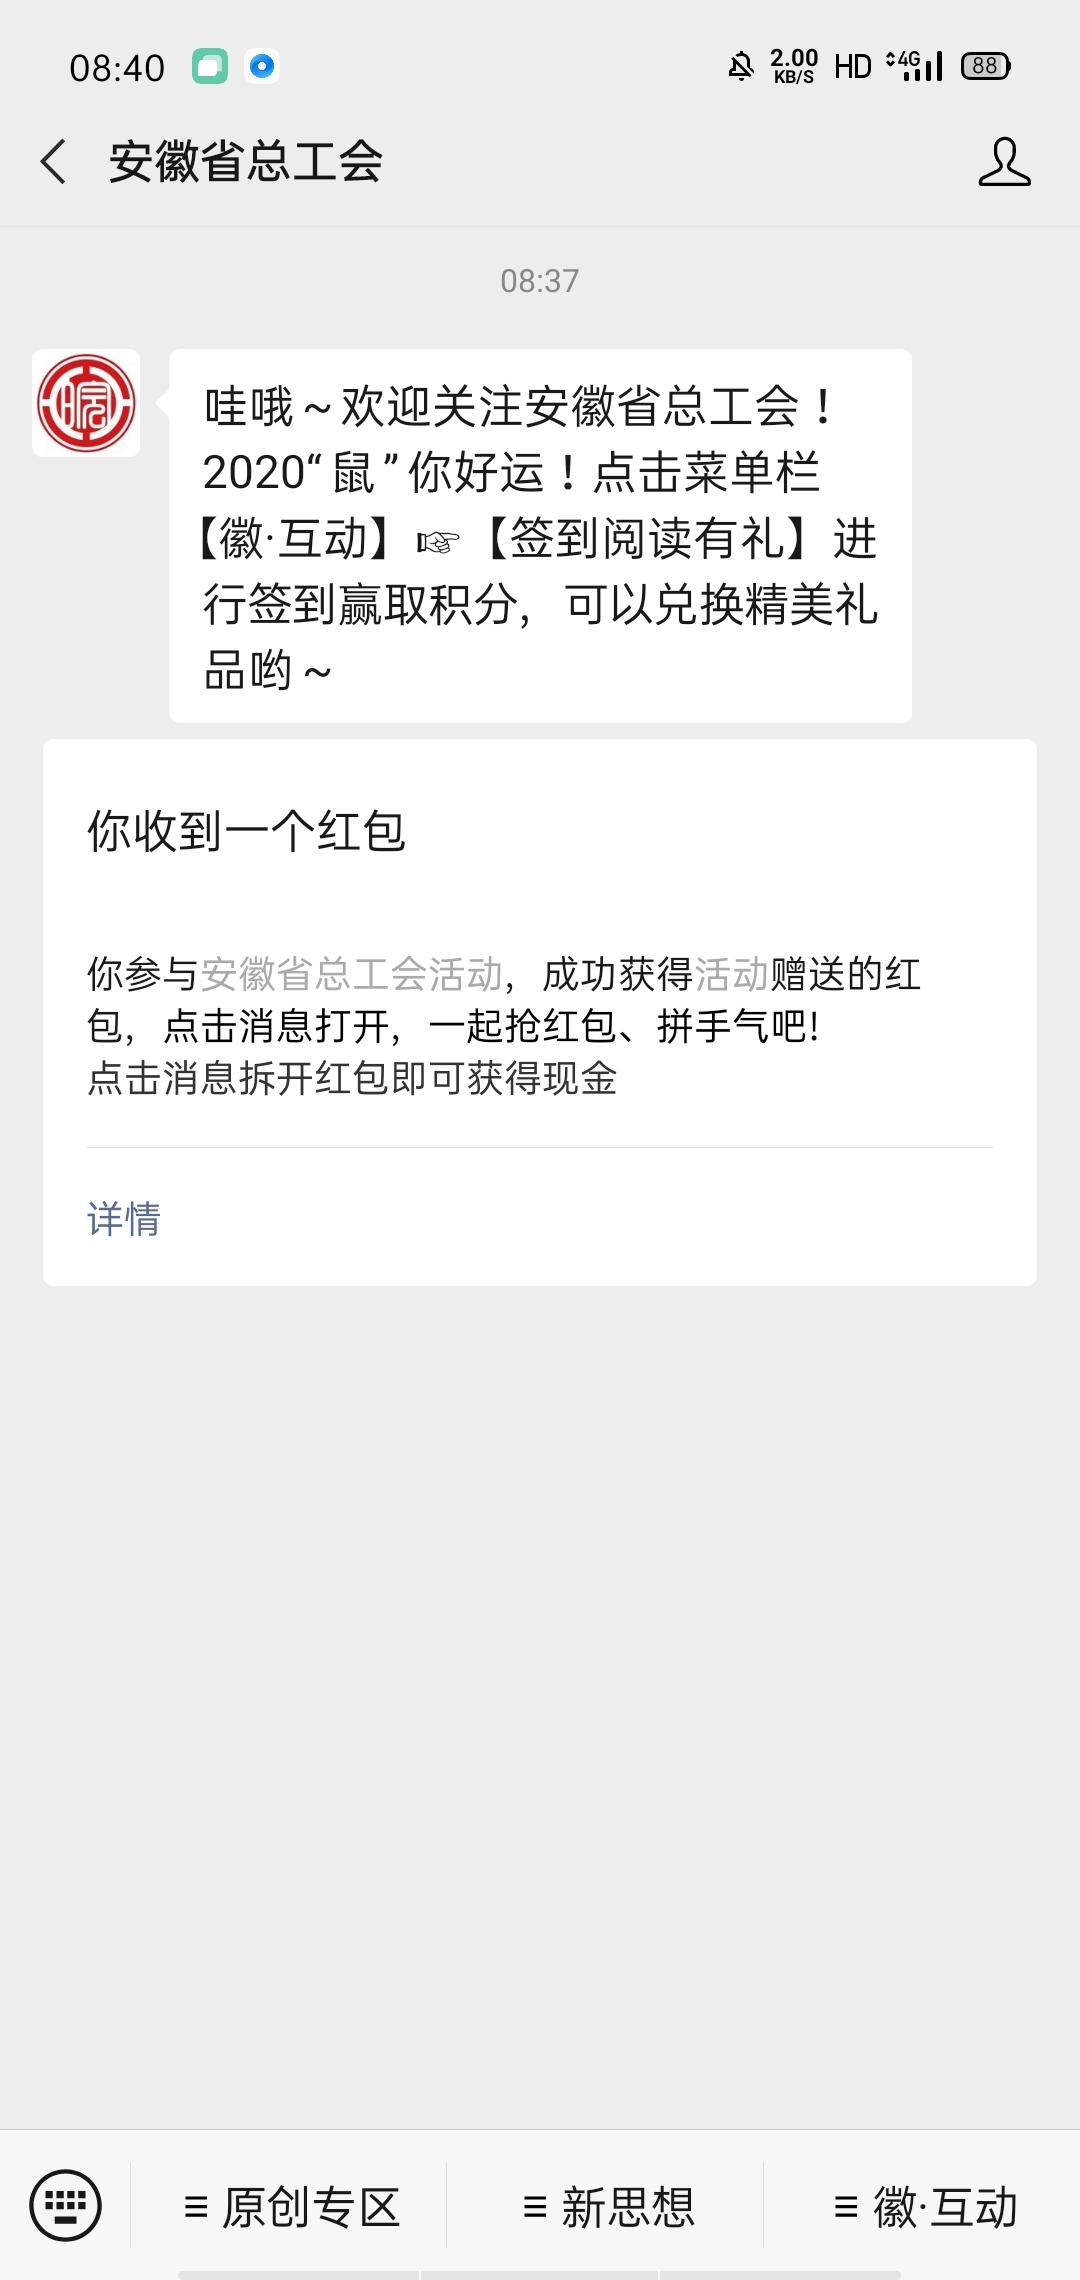 【现金红包】安徽省总工会领红包-聚合资源网